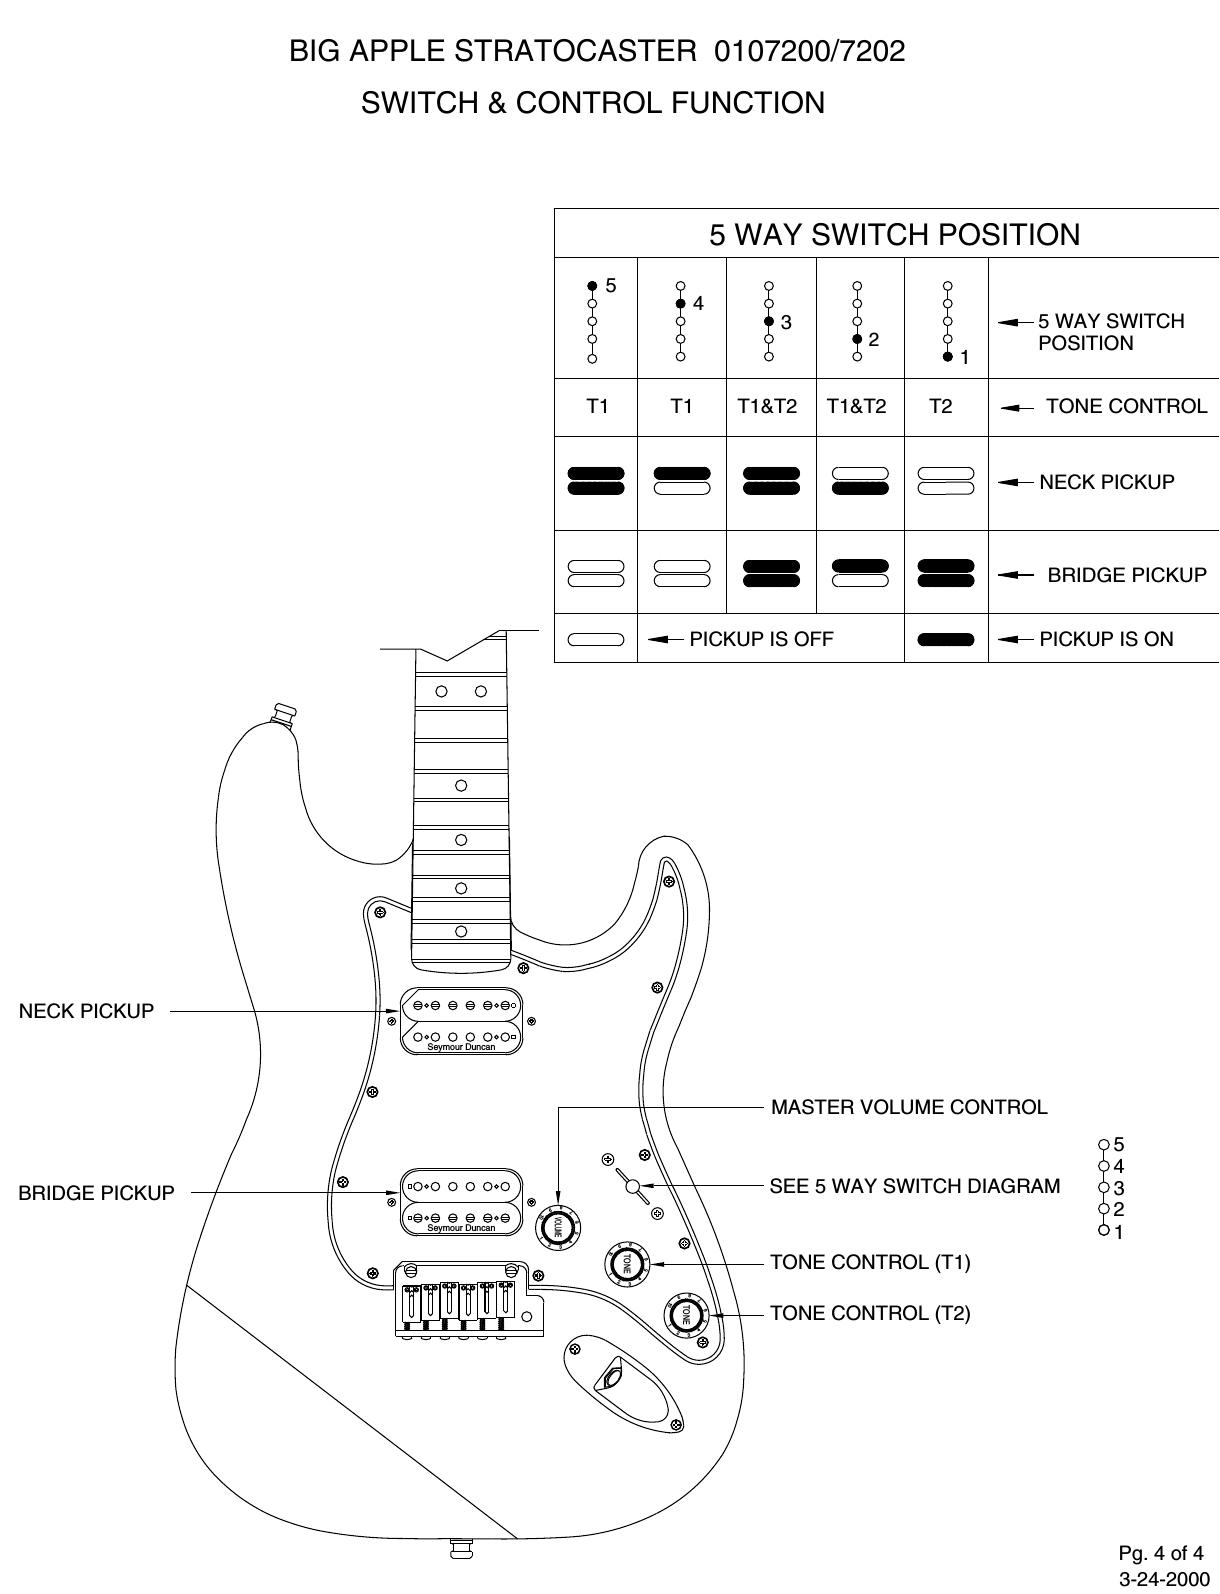 Fender 010 7200 02B SISD on